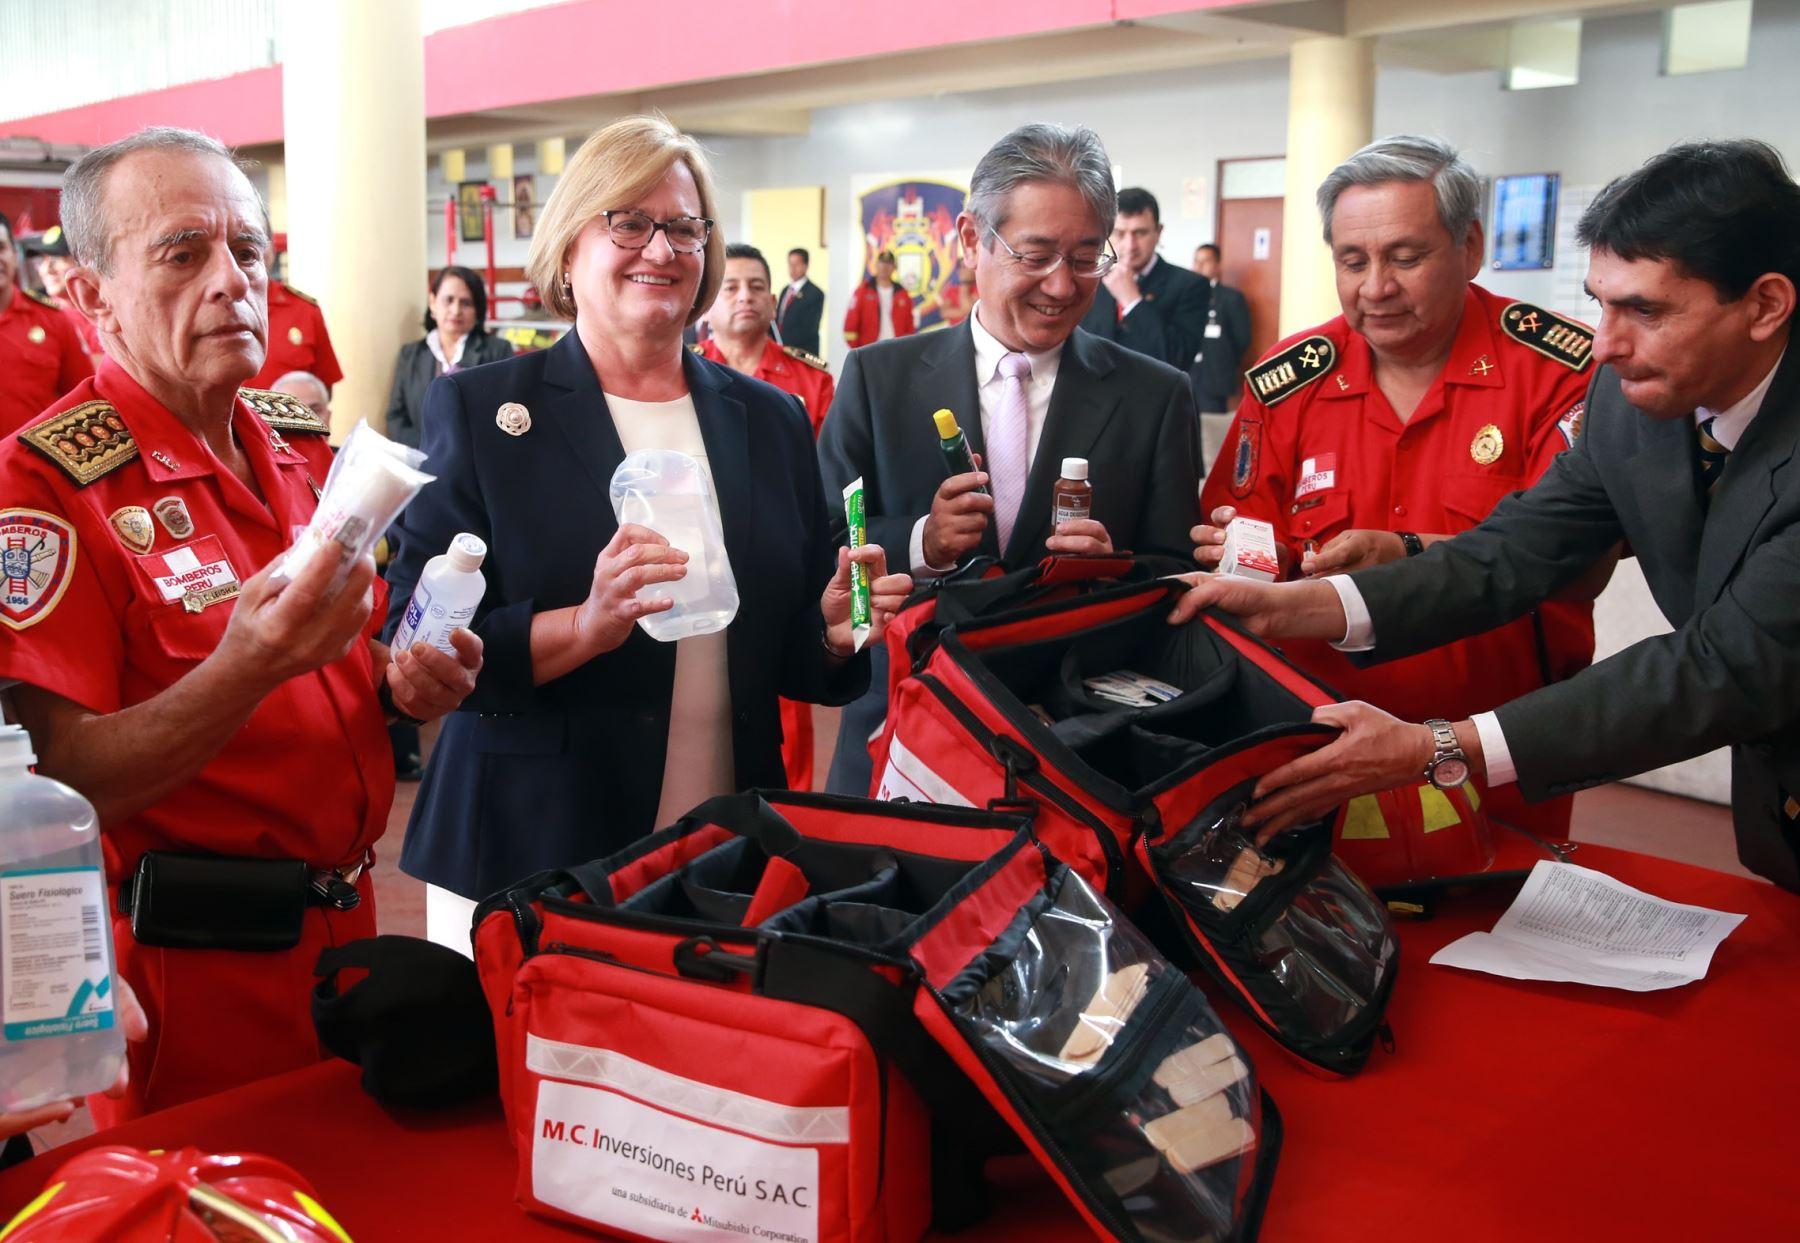 Kits de primeros auxilios donados por esposa del Presidente irán a compañías de bomberos de provincias. ANDINA/Difusión